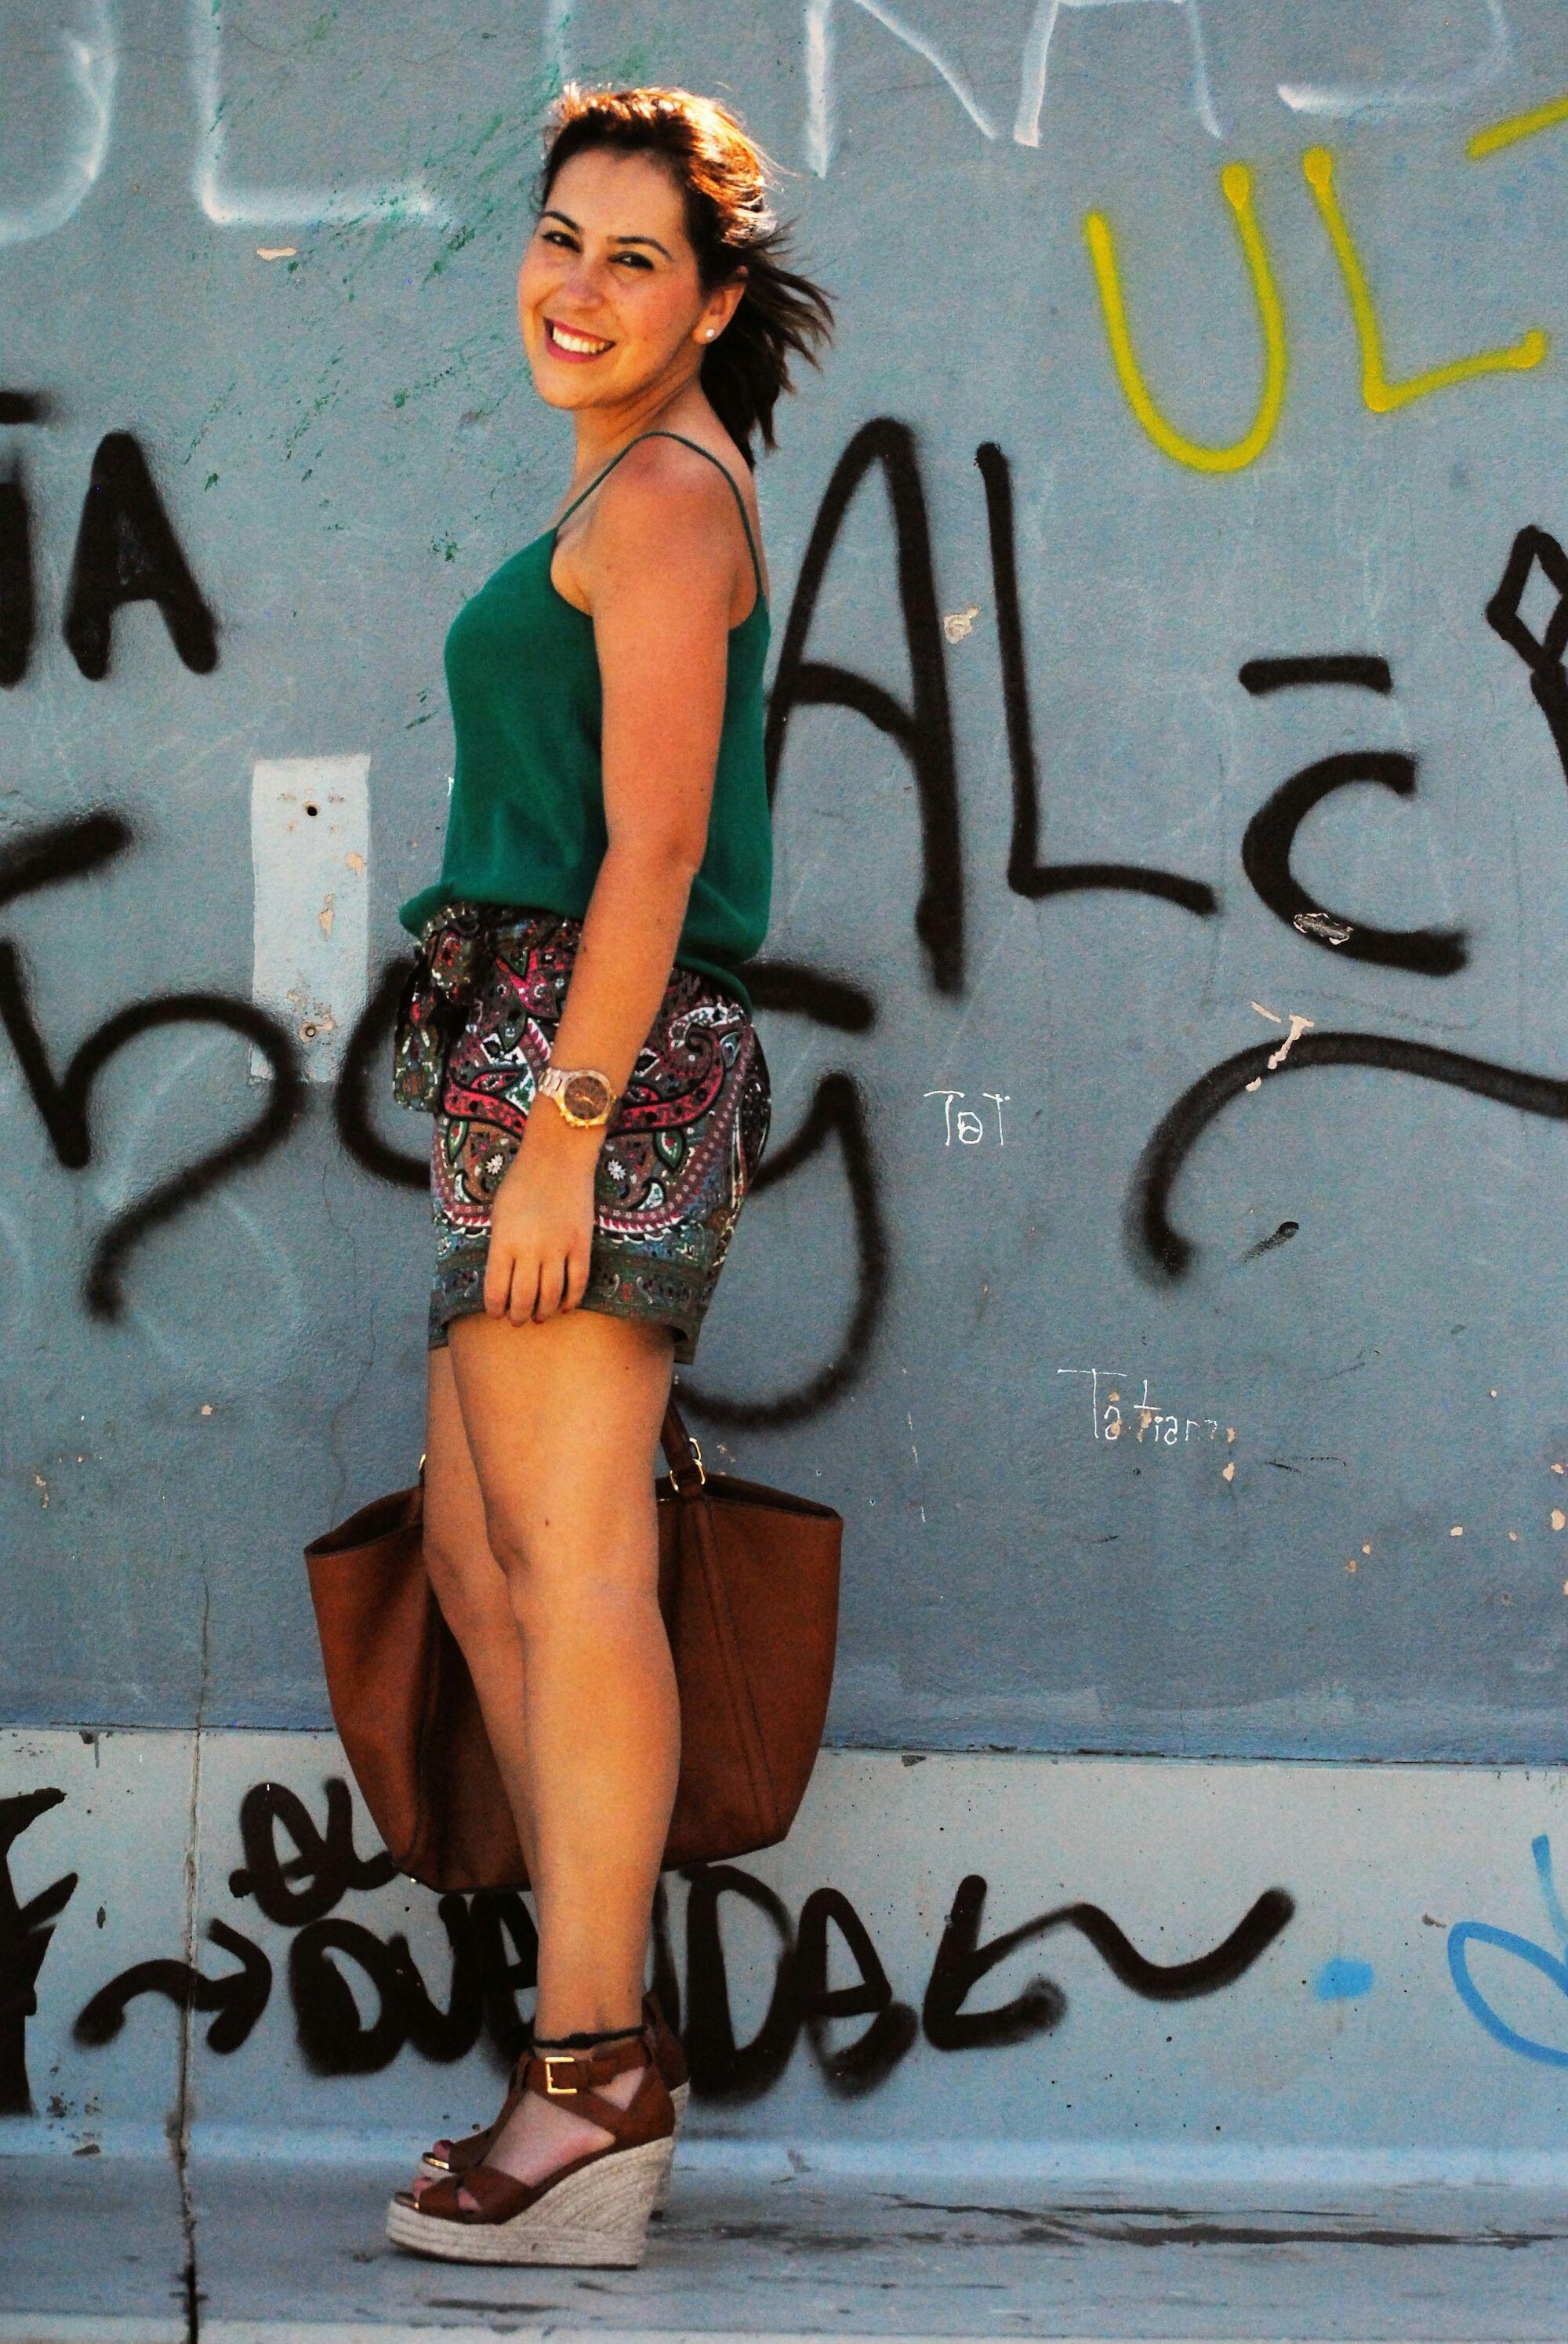 Resiliencia.  Aprendiendo a sacar partido incluso de lo malo. Pinkmomentsblog Tenerife. Bloggers Canarias.